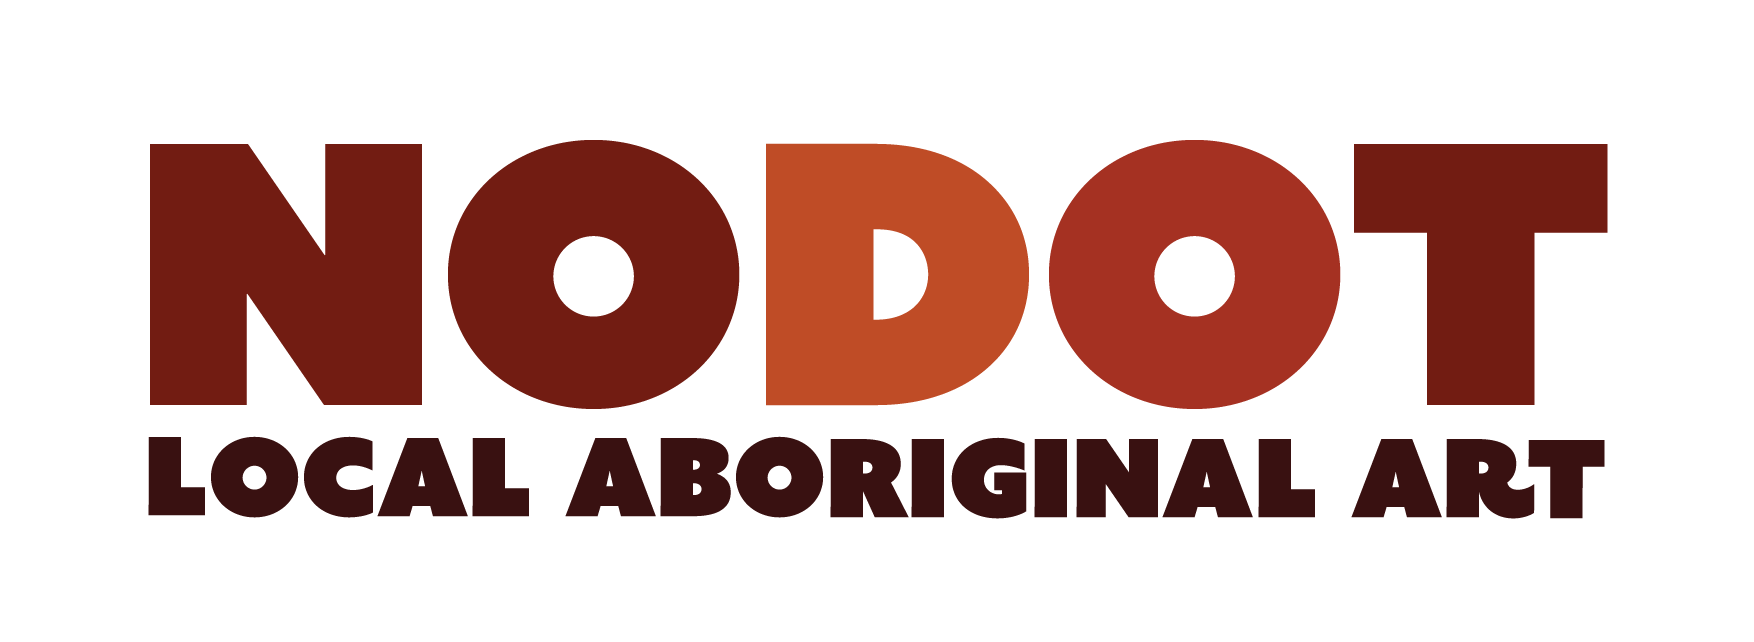 NoDot Contemporary Aboriginal Art